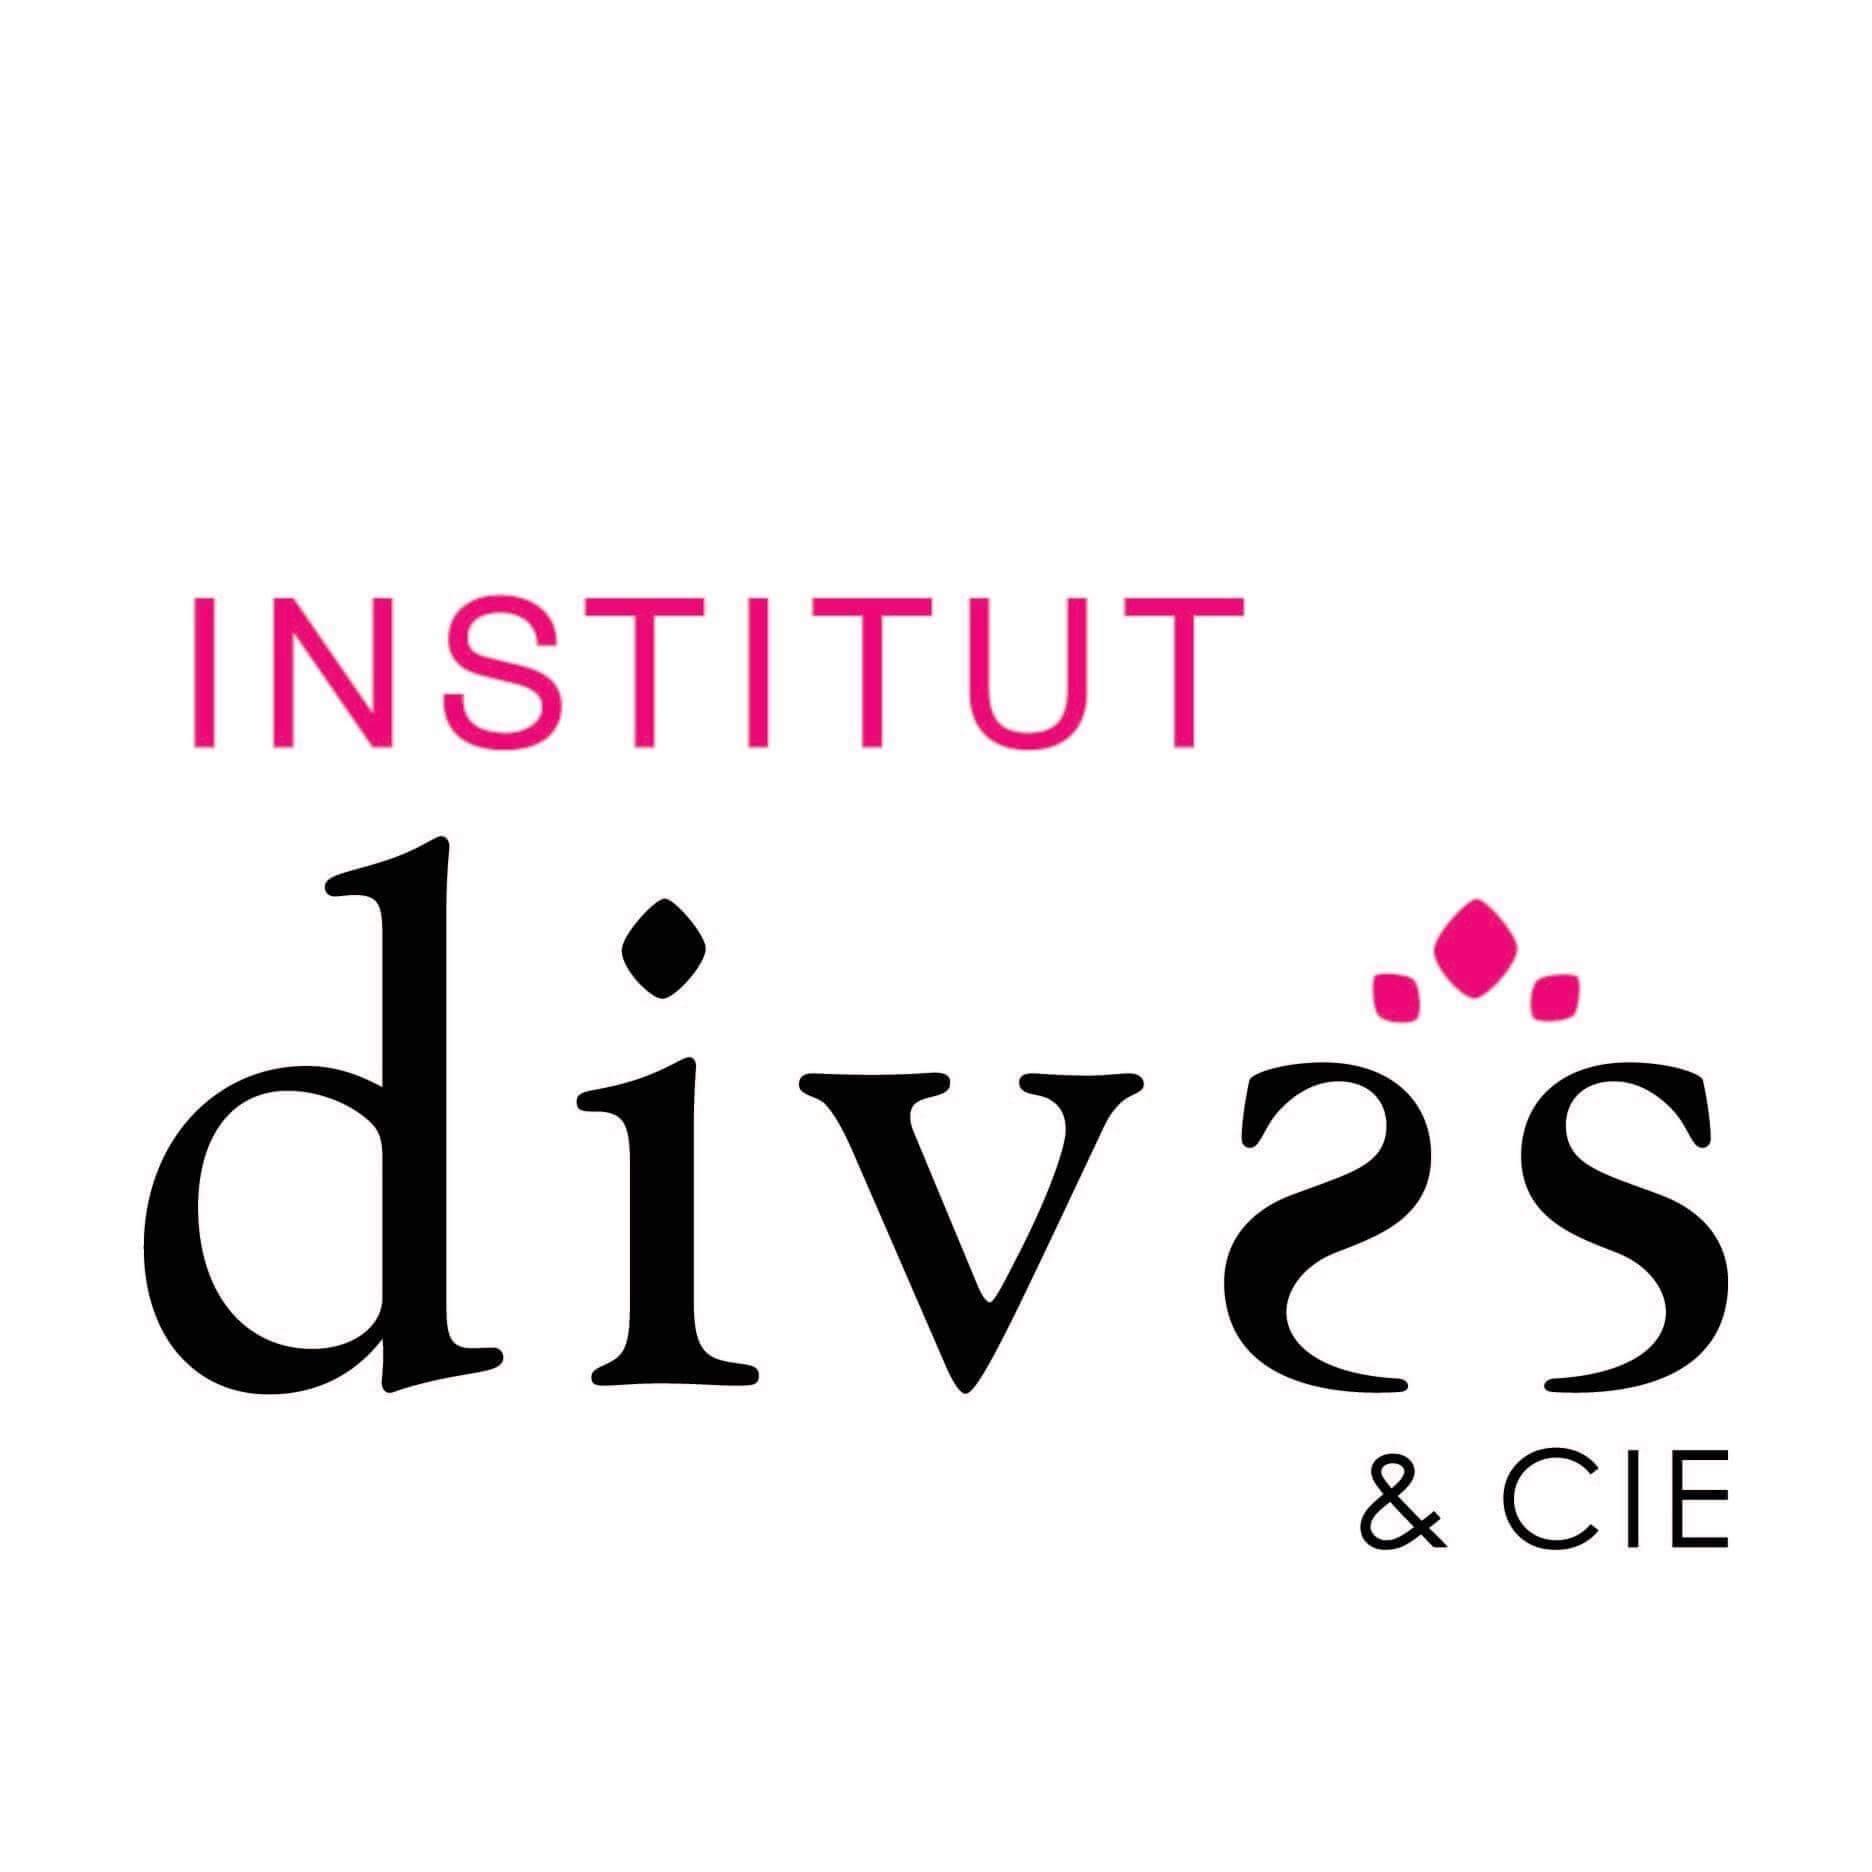 Institut Divas & Cie